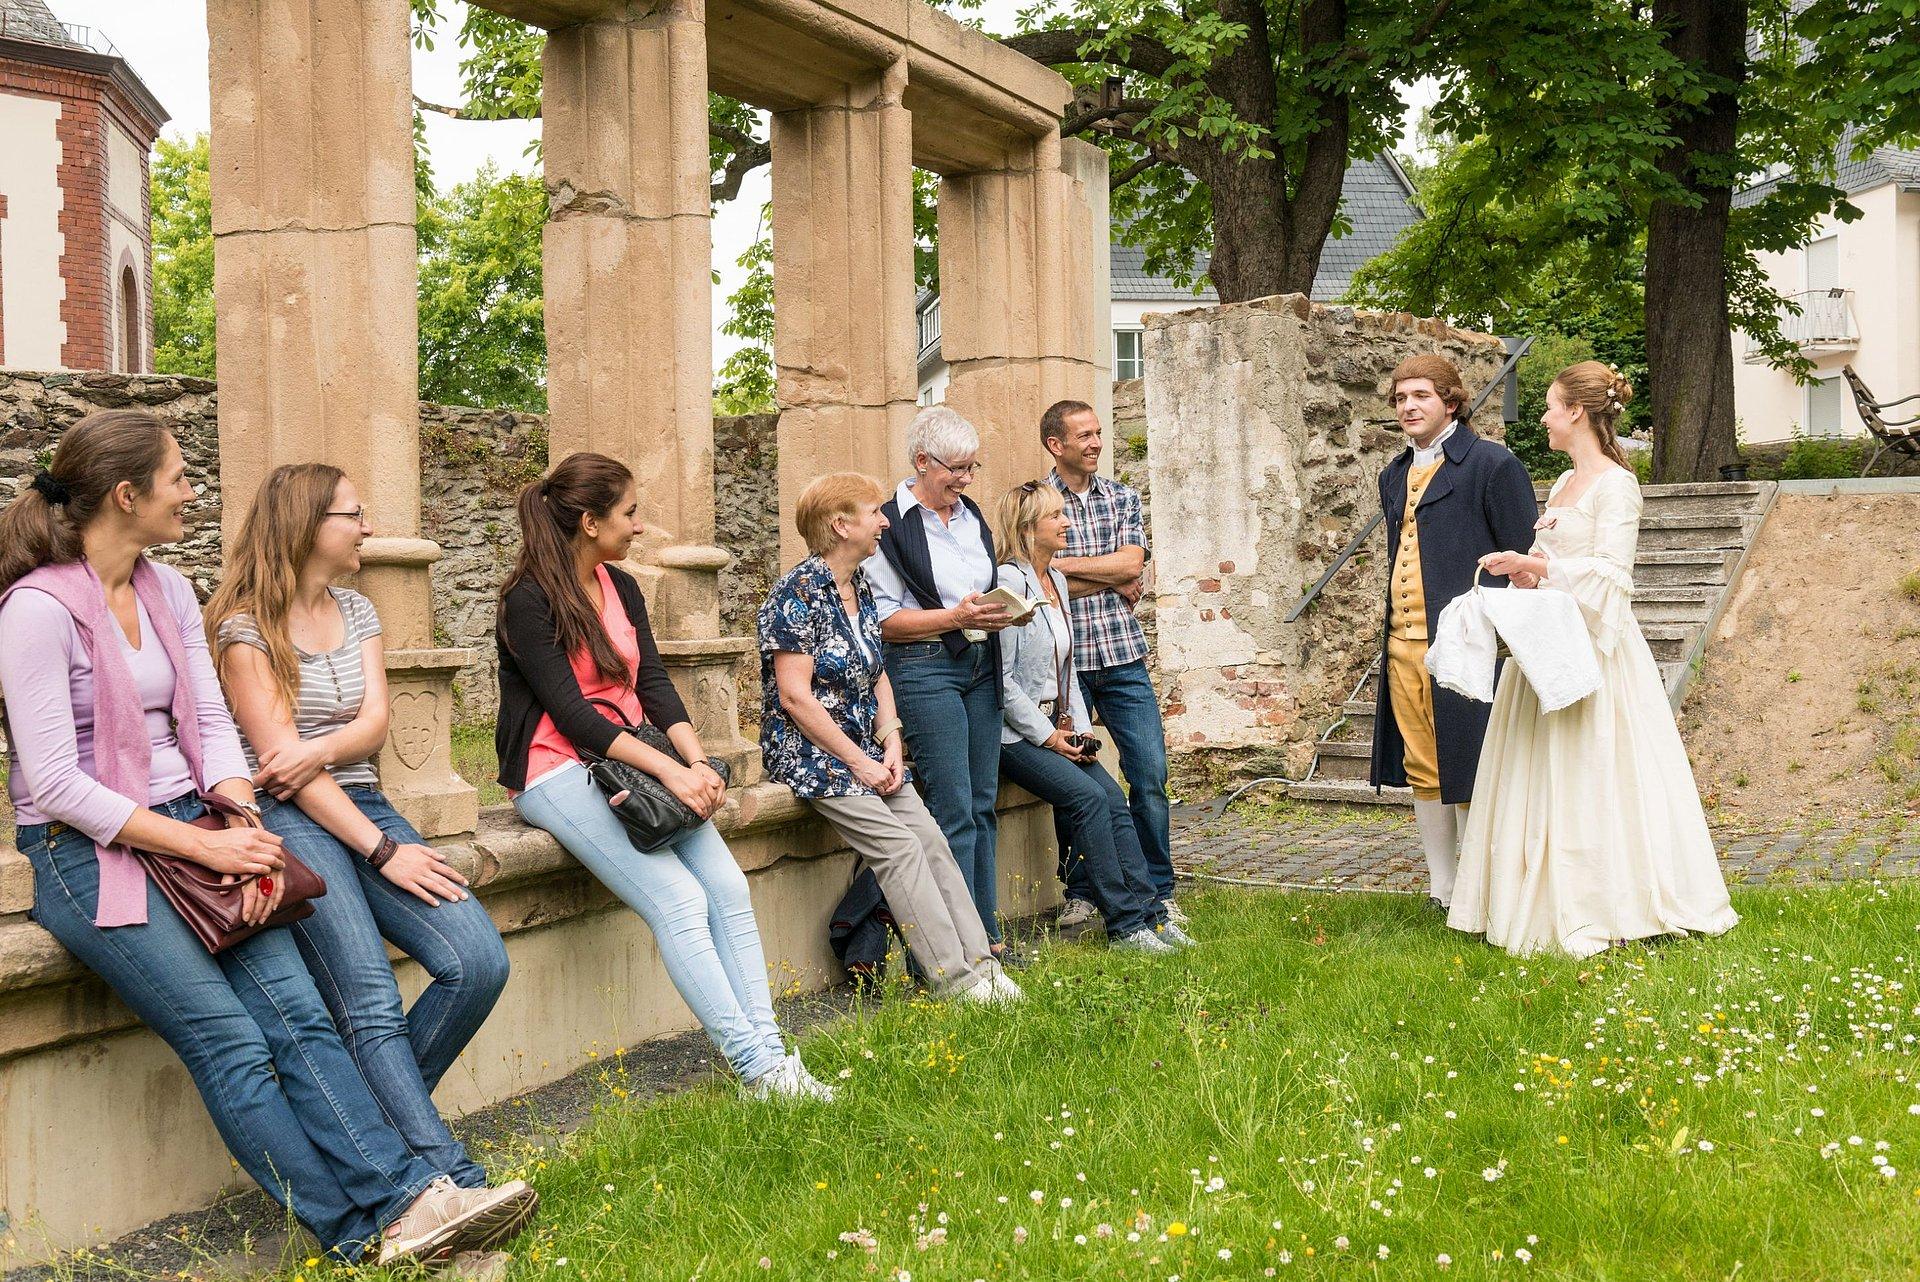 Führung mit Johann Wolfgang von Goethe und Charlotte Buff in Wetzlar, Lahntal